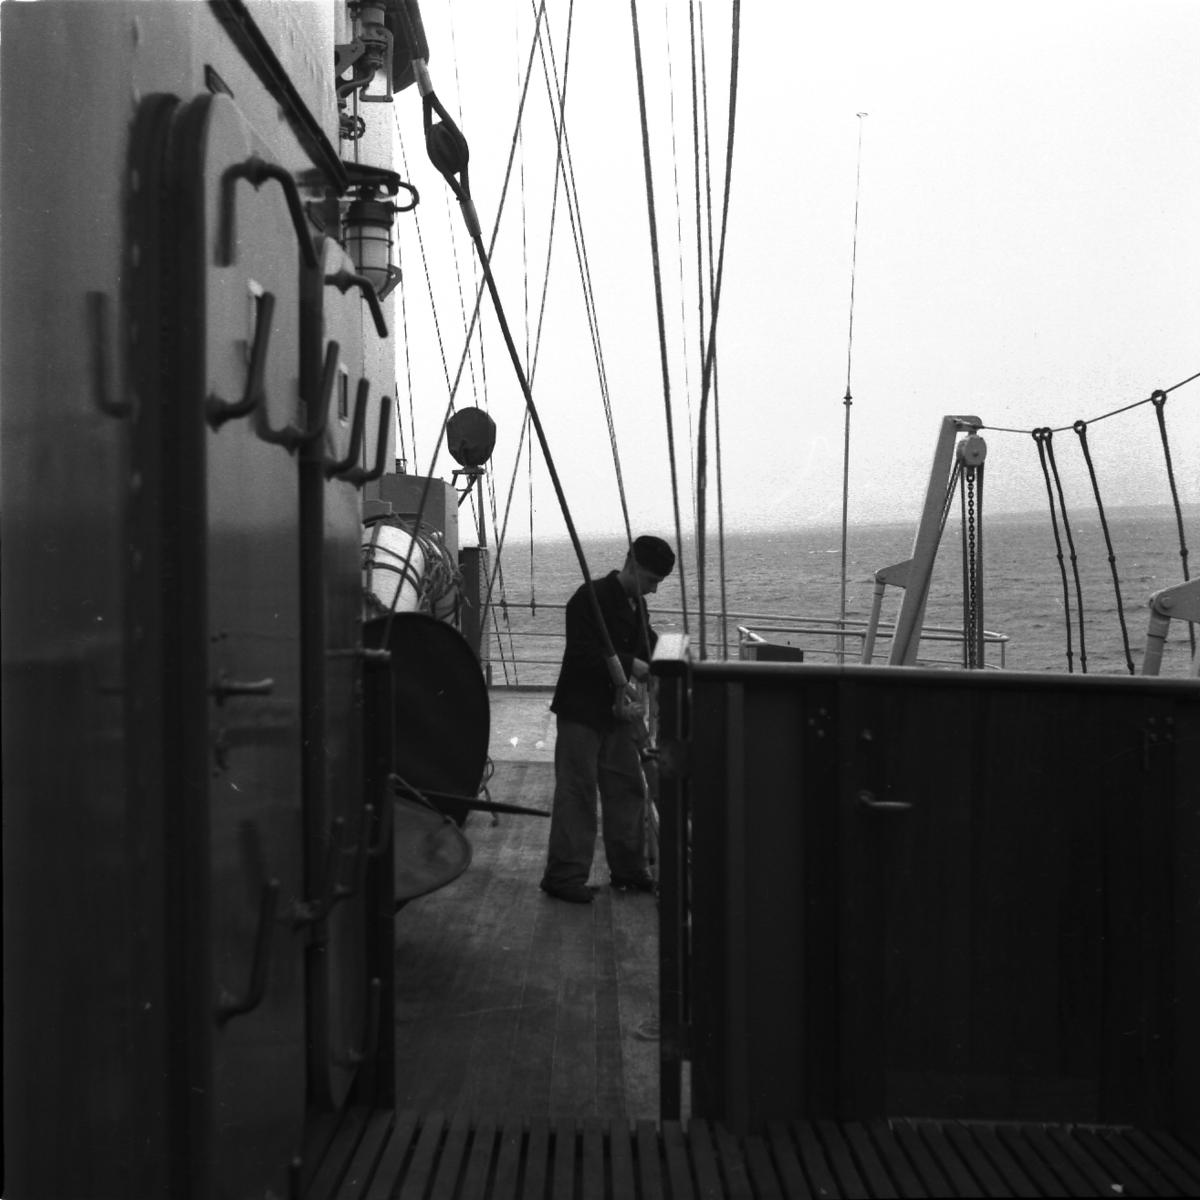 Fartyg: THULE                           Övrigt: Isbrytaren Thules interiör